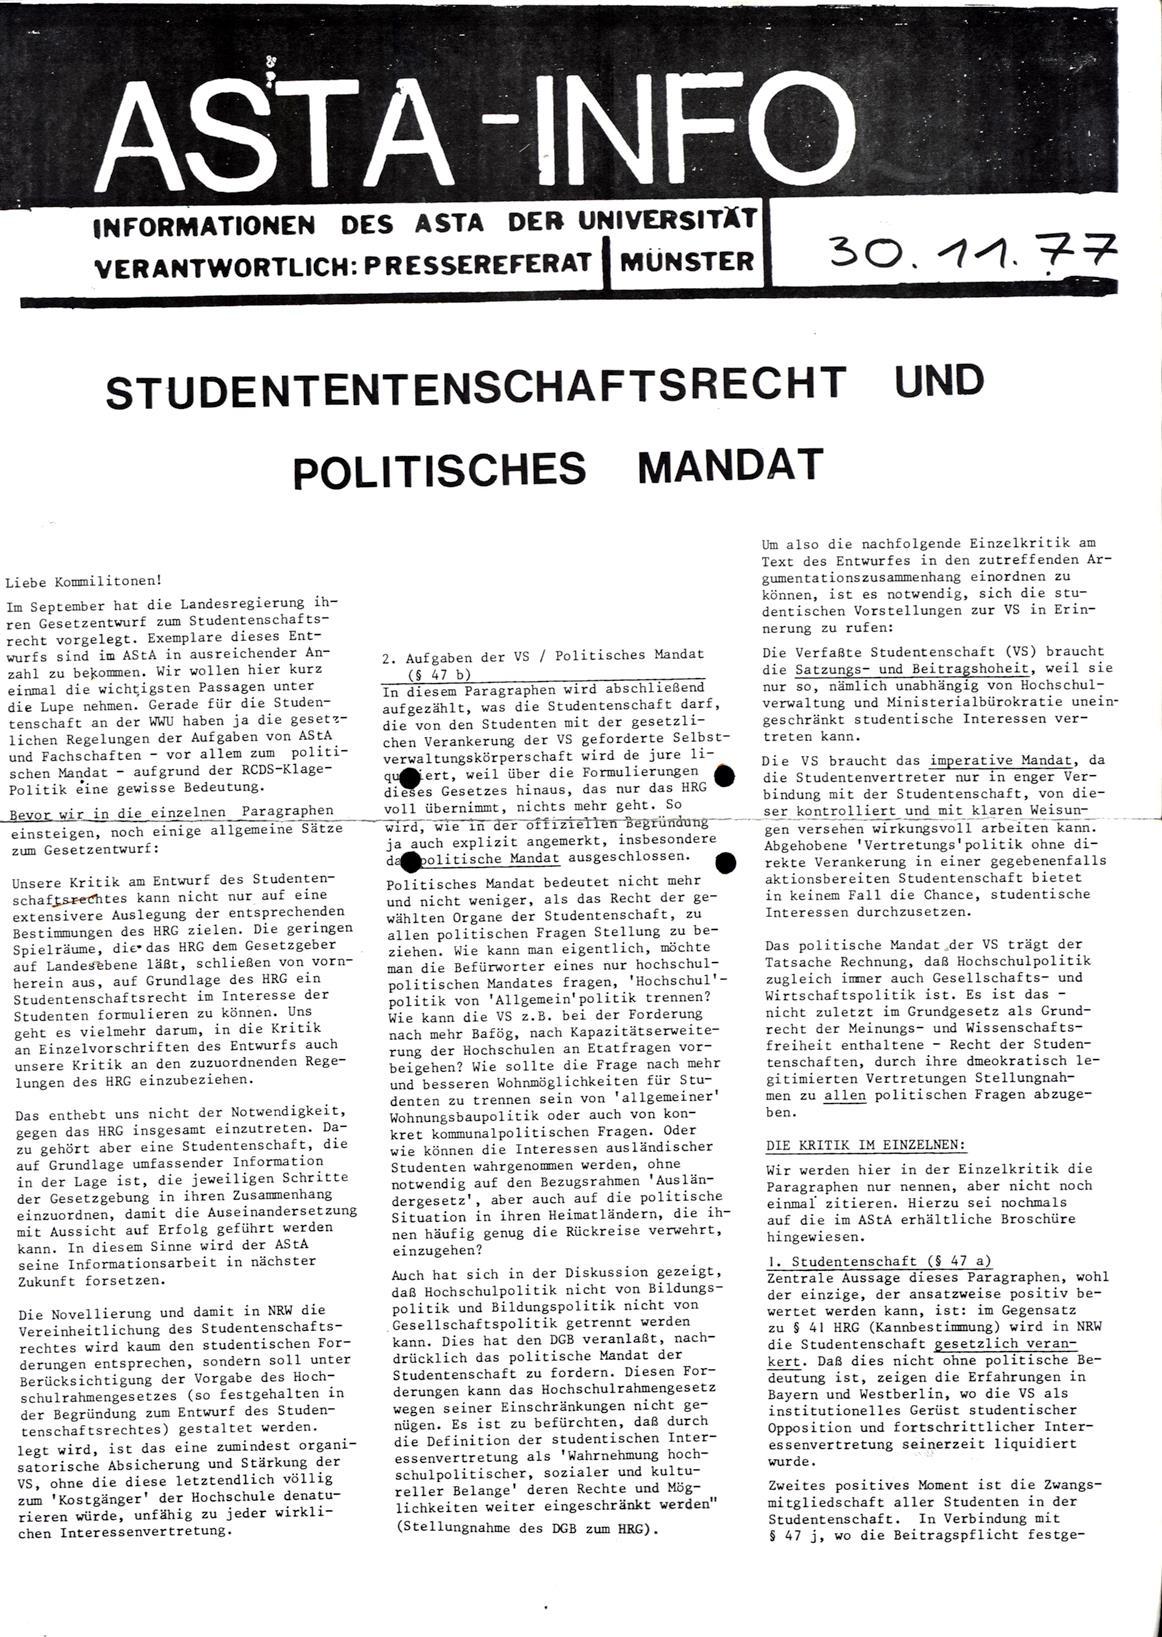 Muenster_AStA_Info_19771130_01